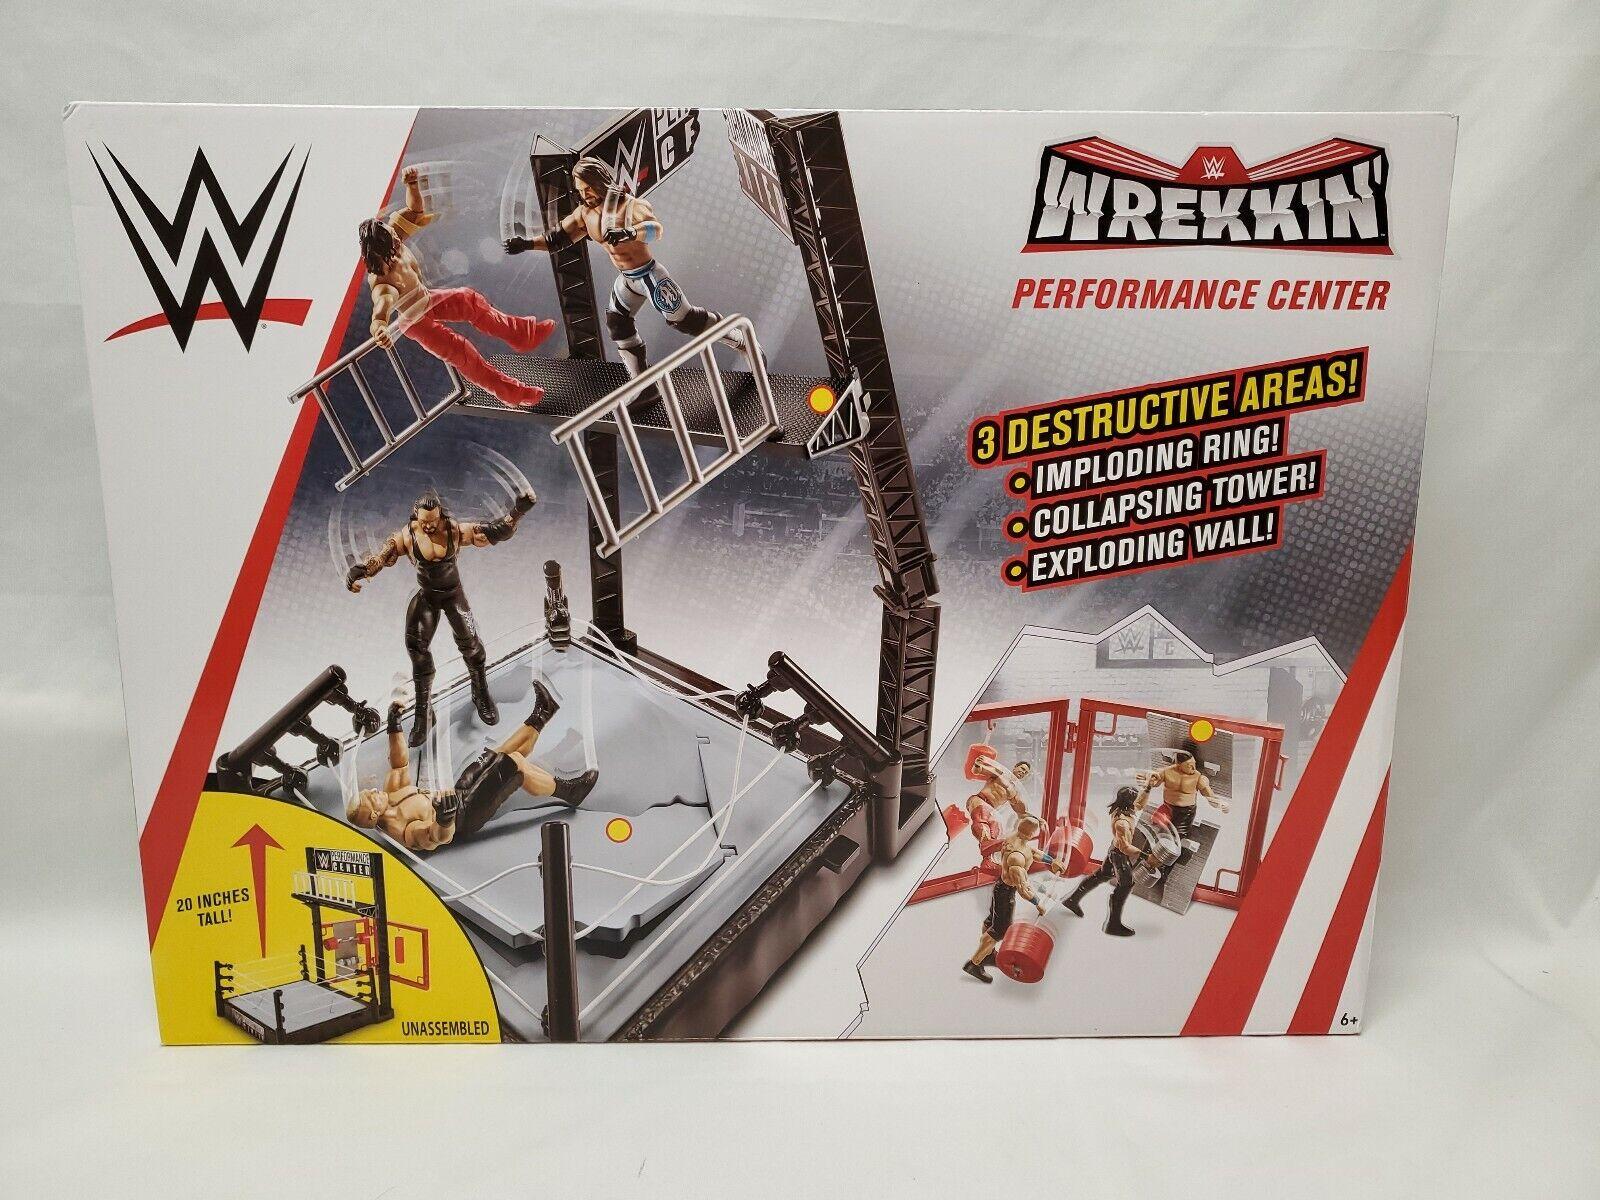 WWE Performance Center Wrekkin 3 Destructive Areas Playset